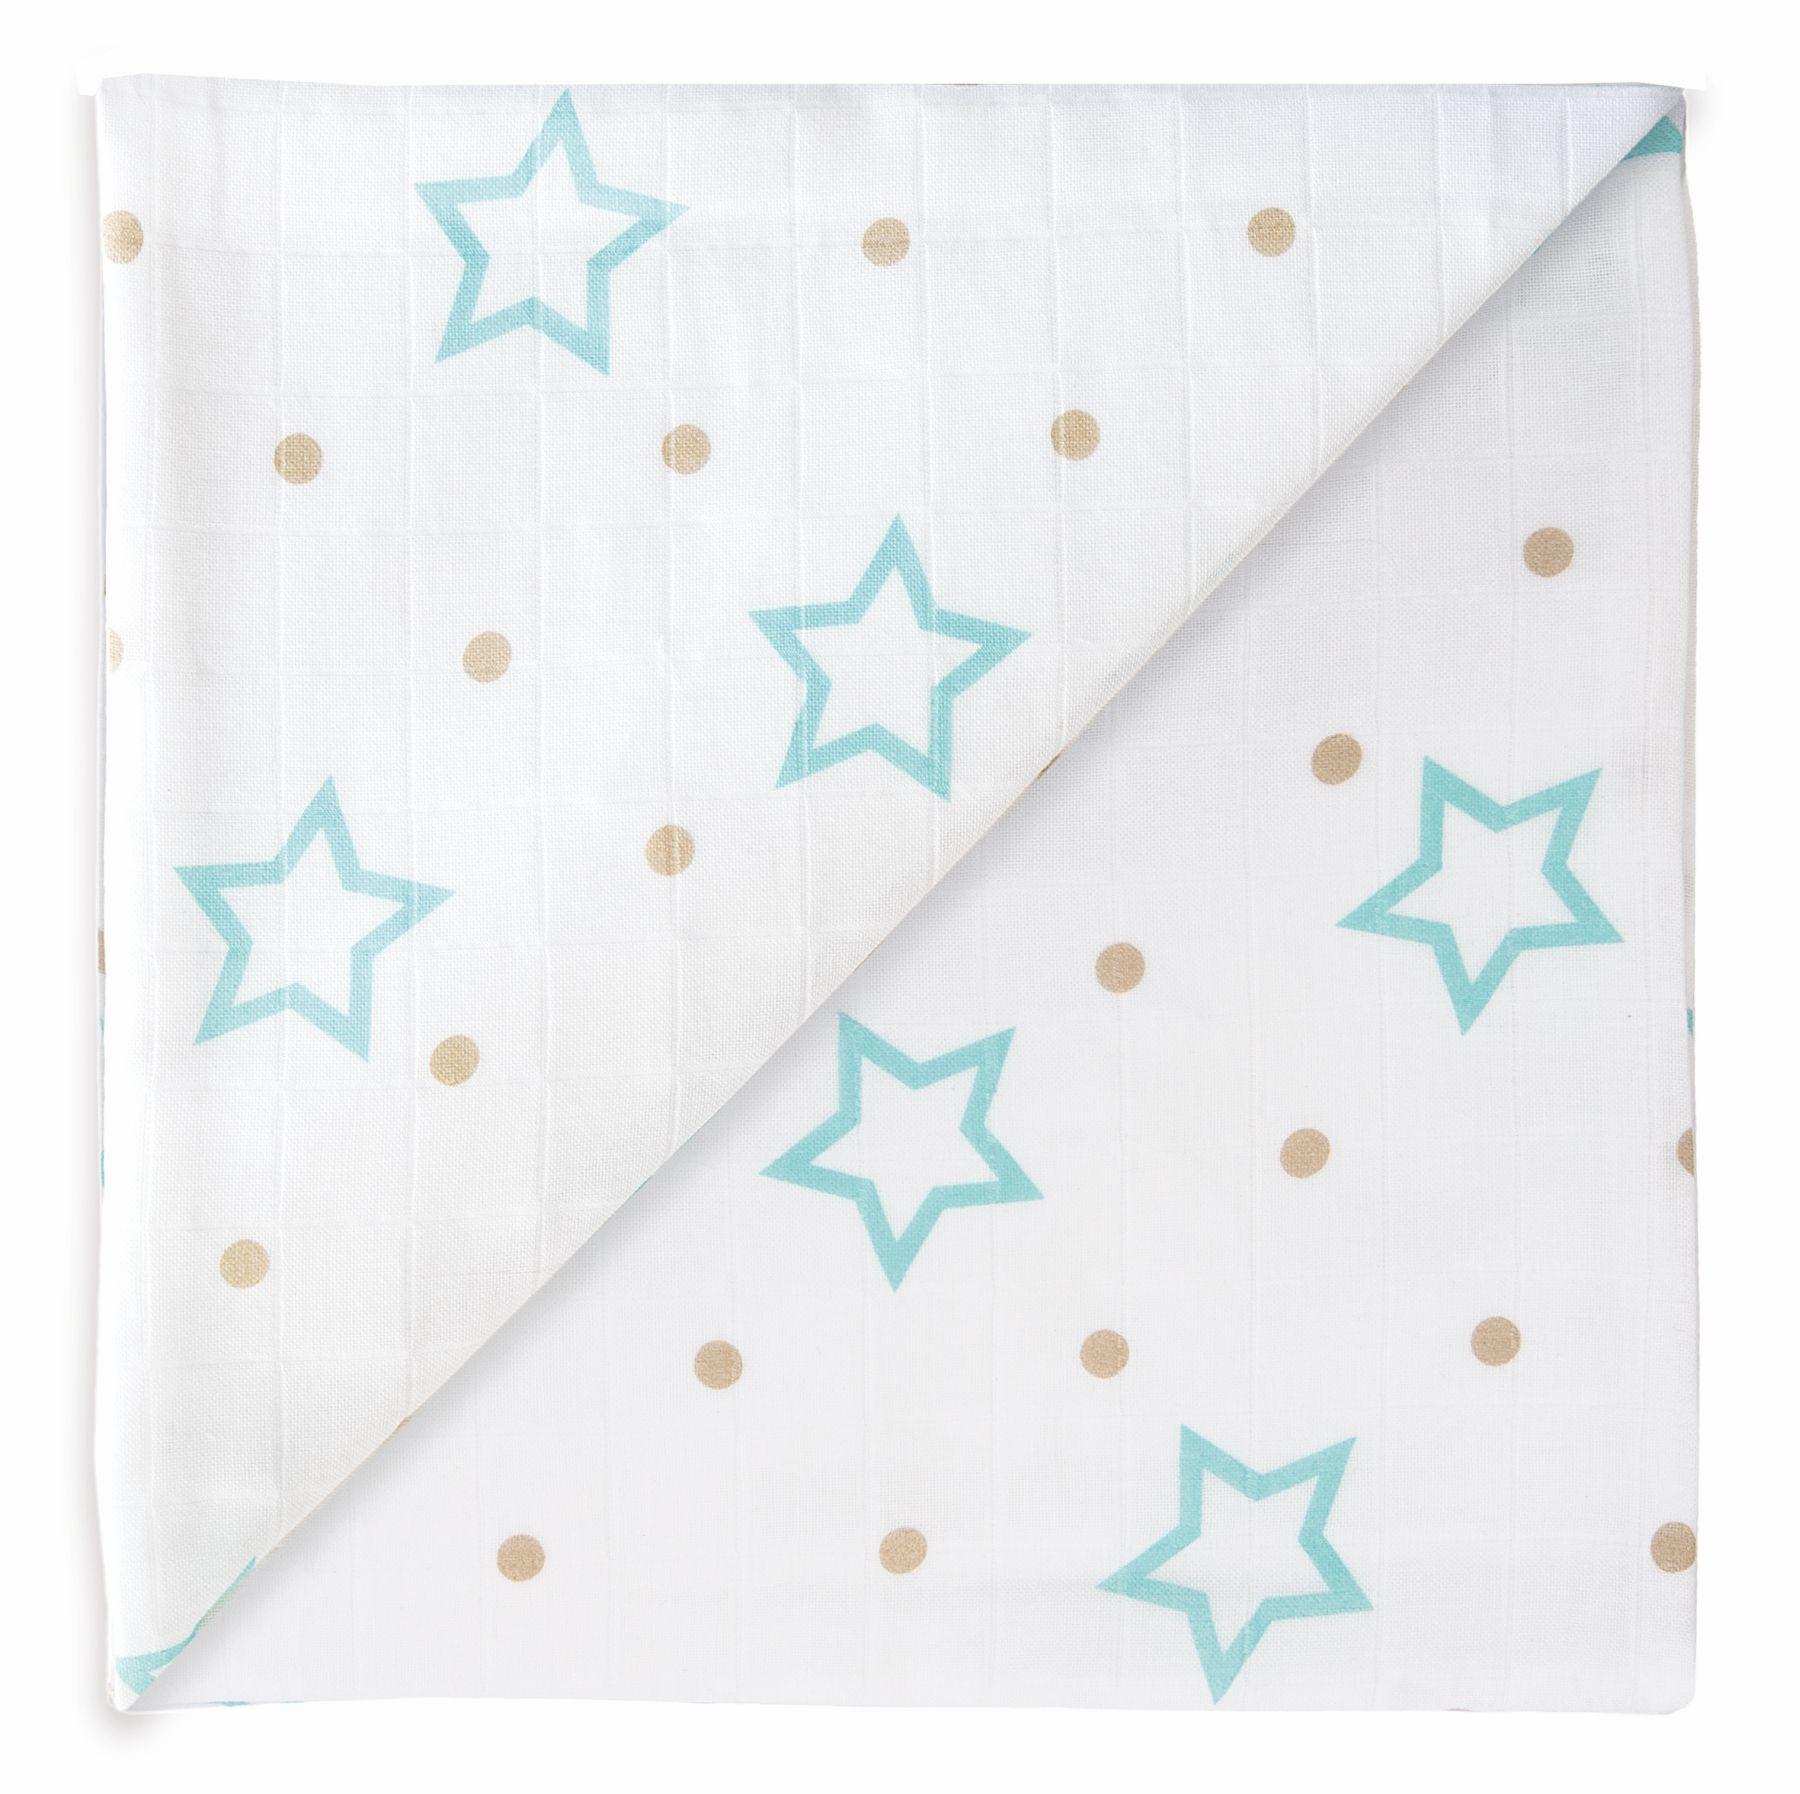 DESIGN: White Stars + Points